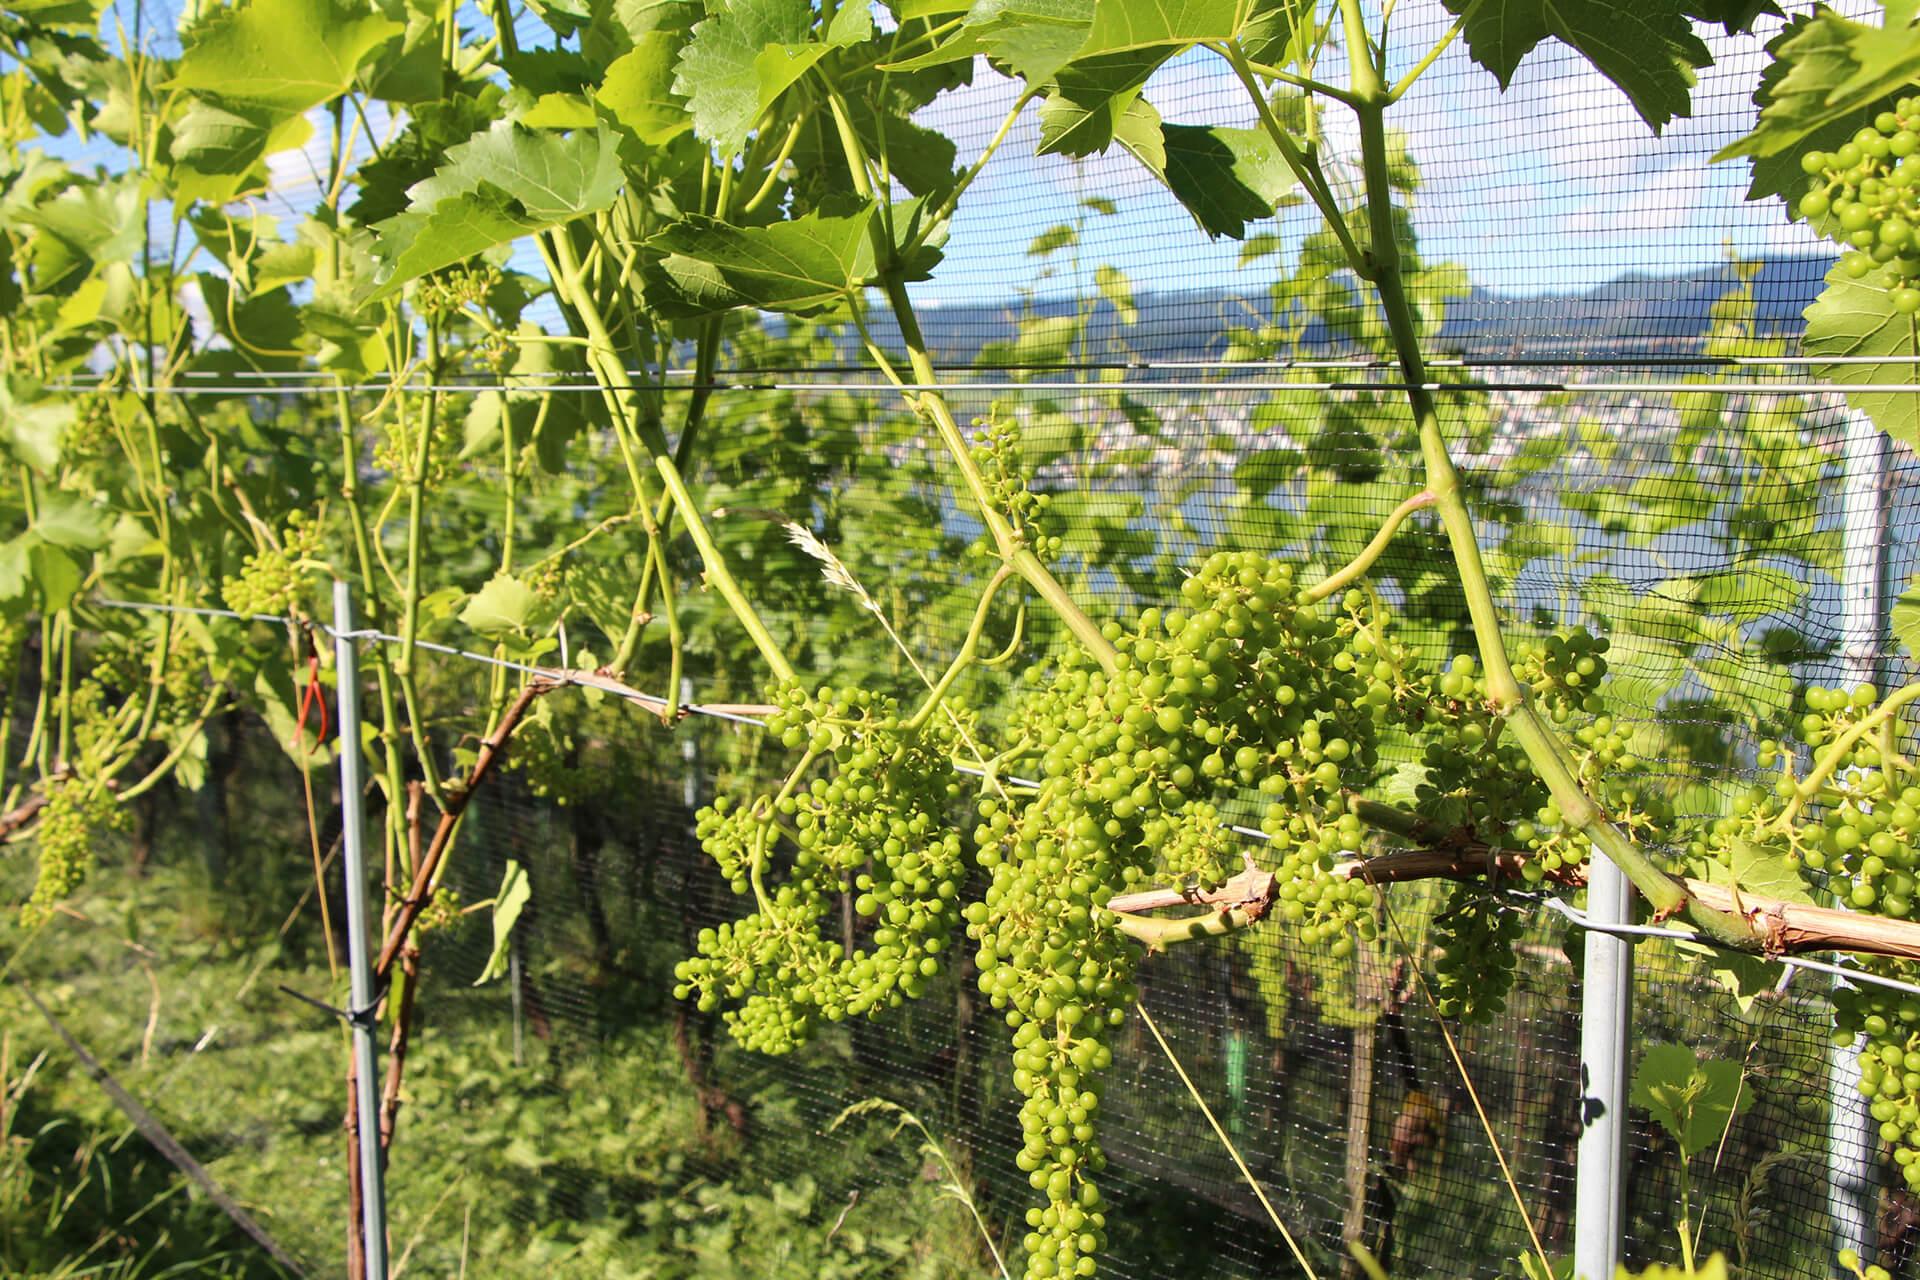 Grüne Trauben an den Piwi-Reben im Rebberg Mariahalden am Zürichsee.